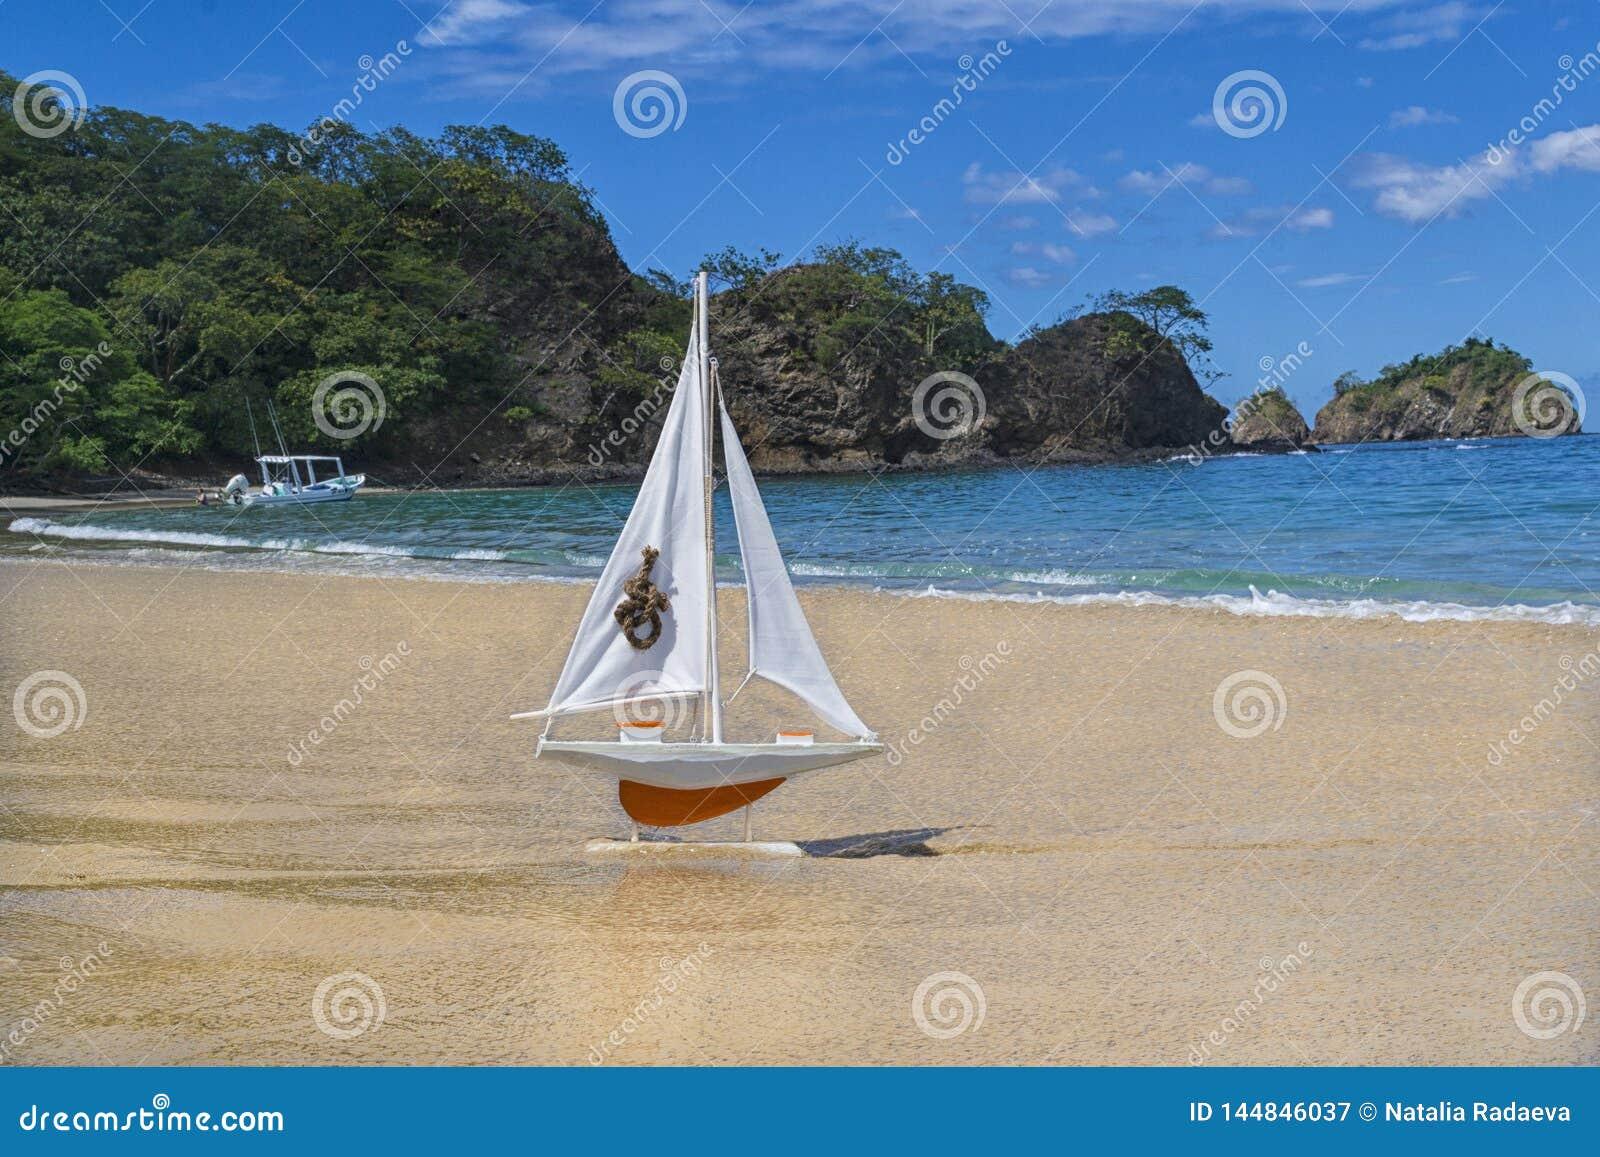 Velas alaranjadas do navio do brinquedo para encontrar aventuras em uma praia bonita